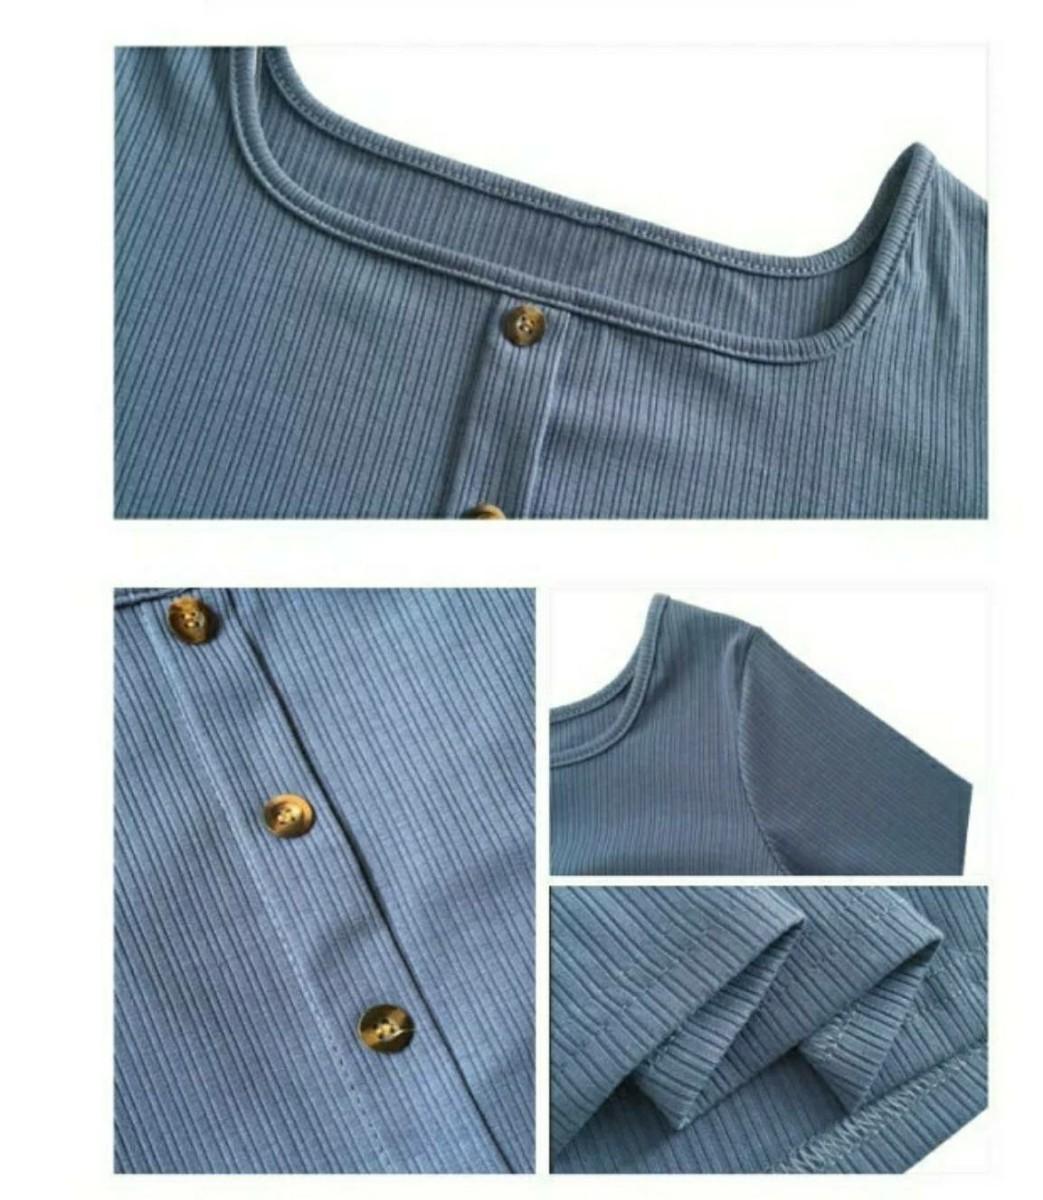 リブニット フロントボタン カットソー レディース トップス Tシャツ オフィス